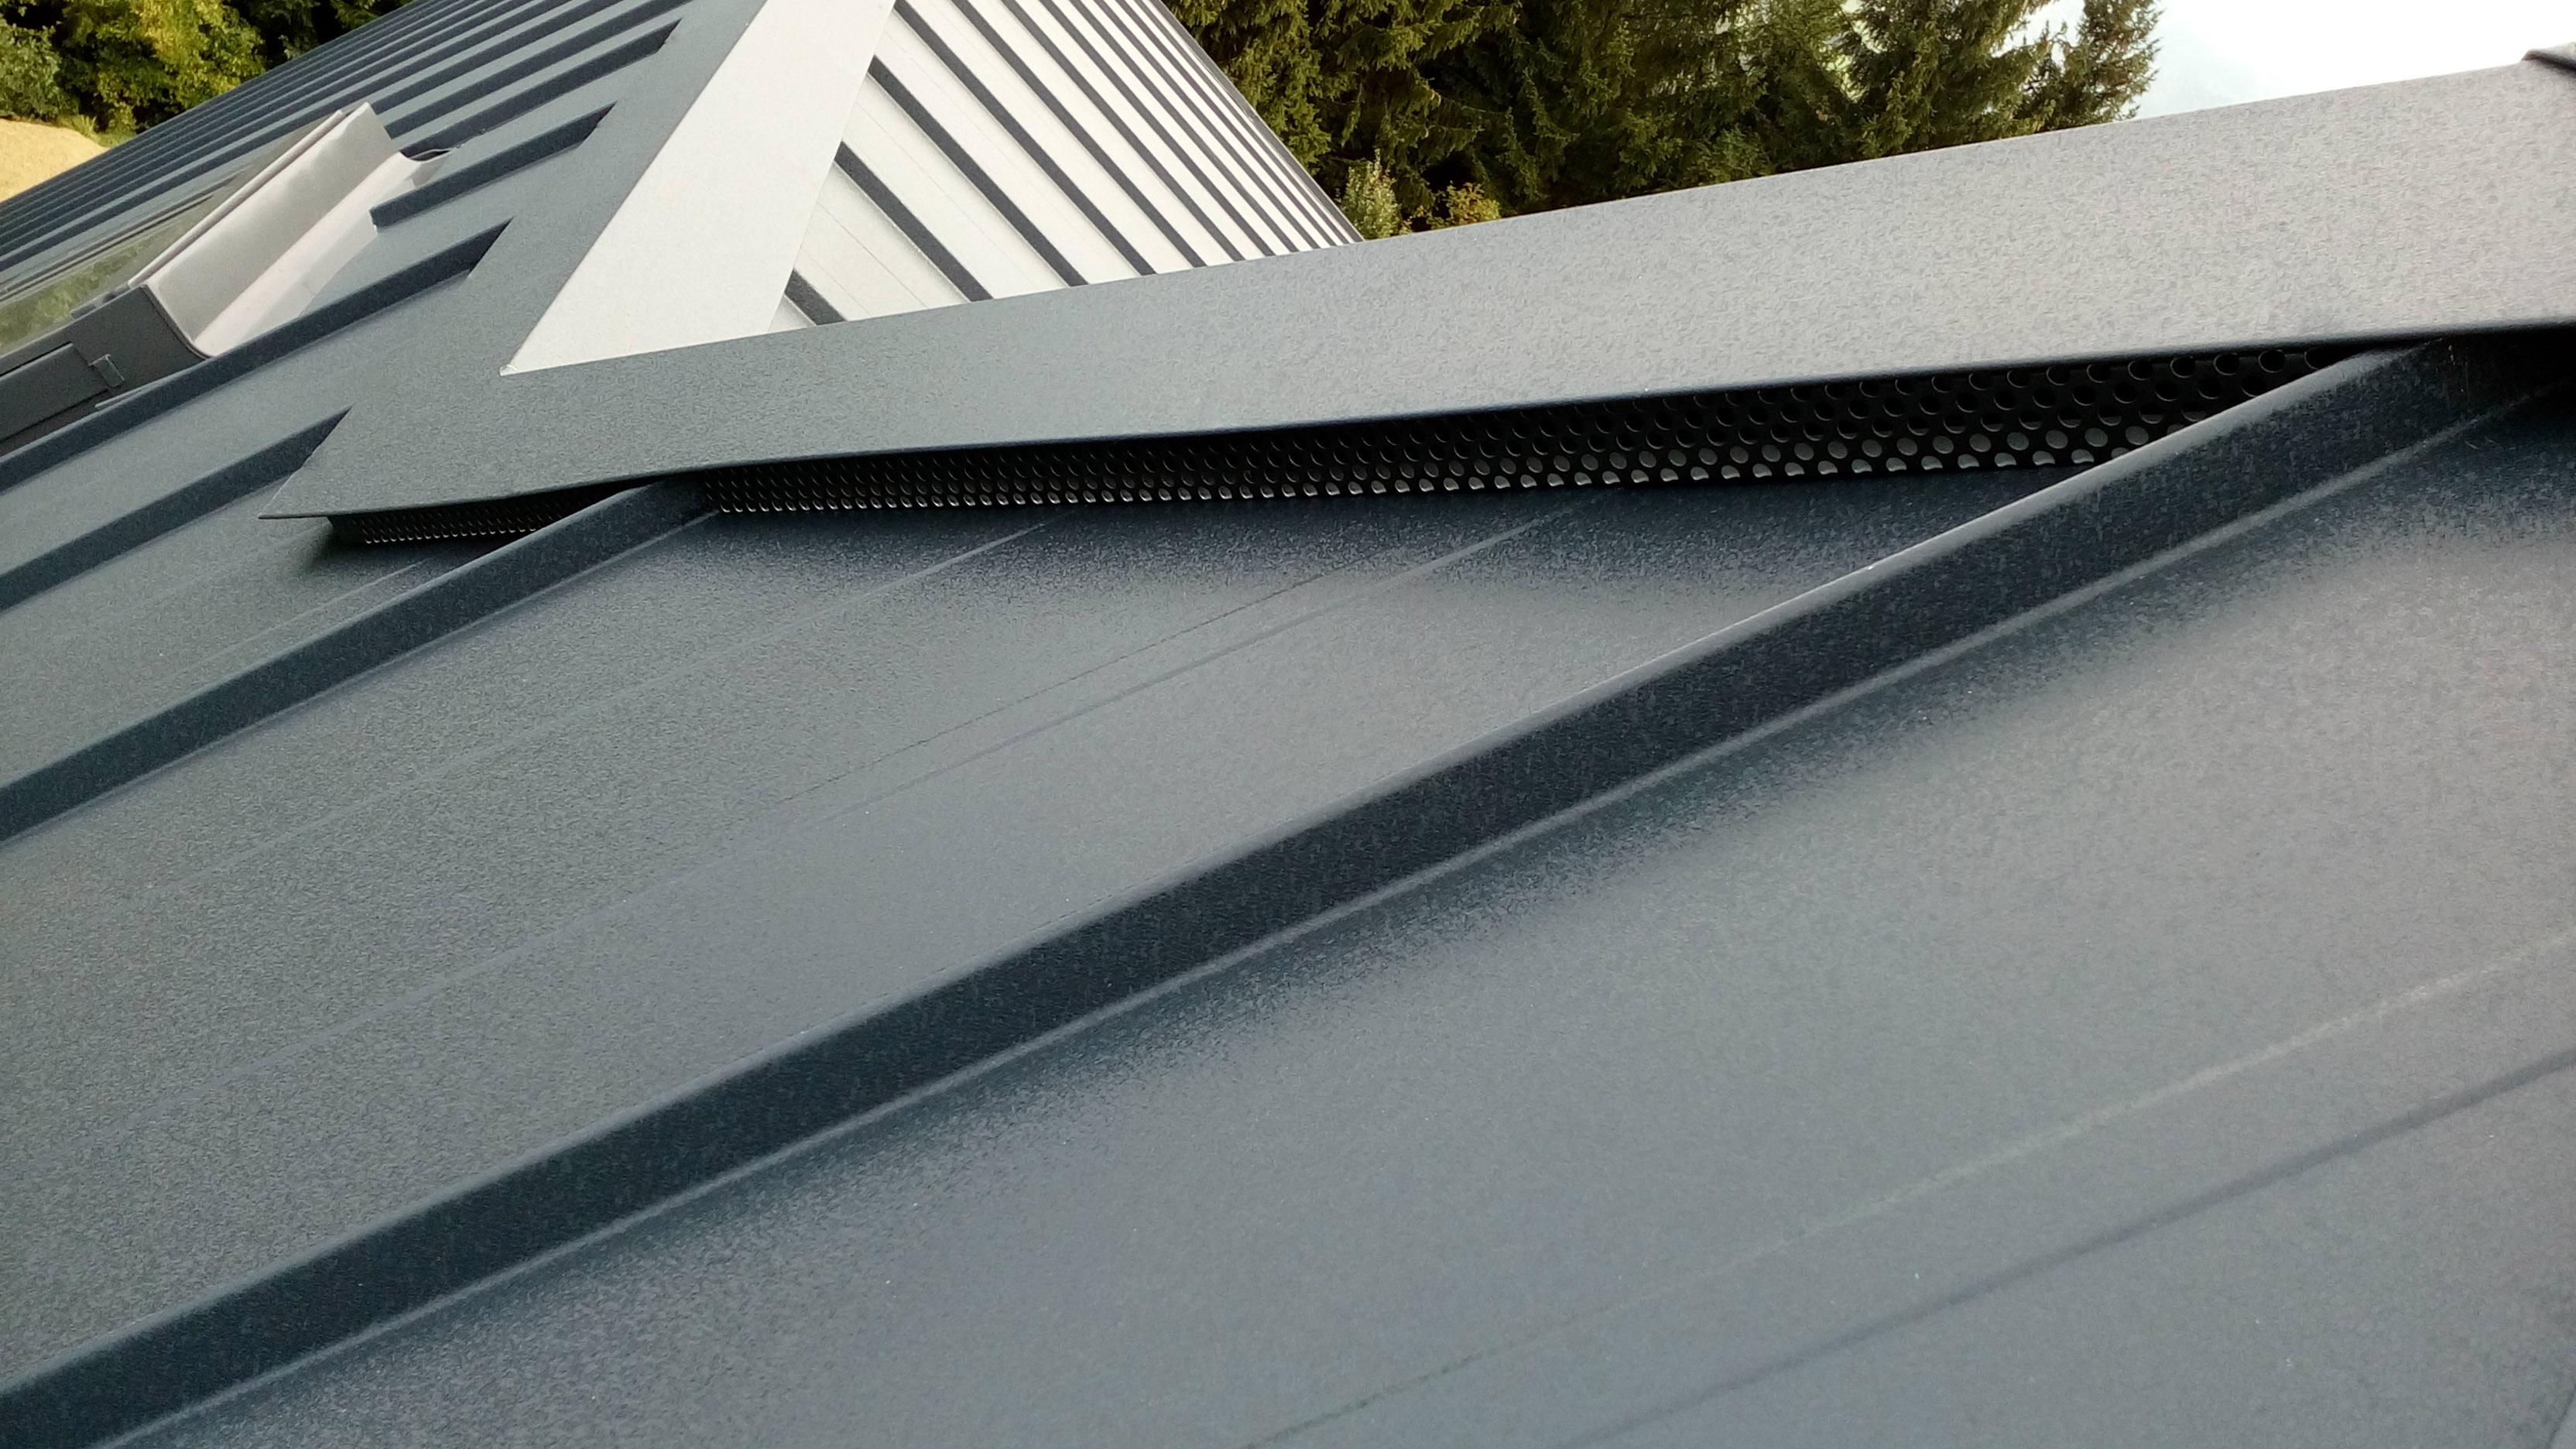 Vhodný výběr střechy-nákup střešní krytiny nejen podle ceny